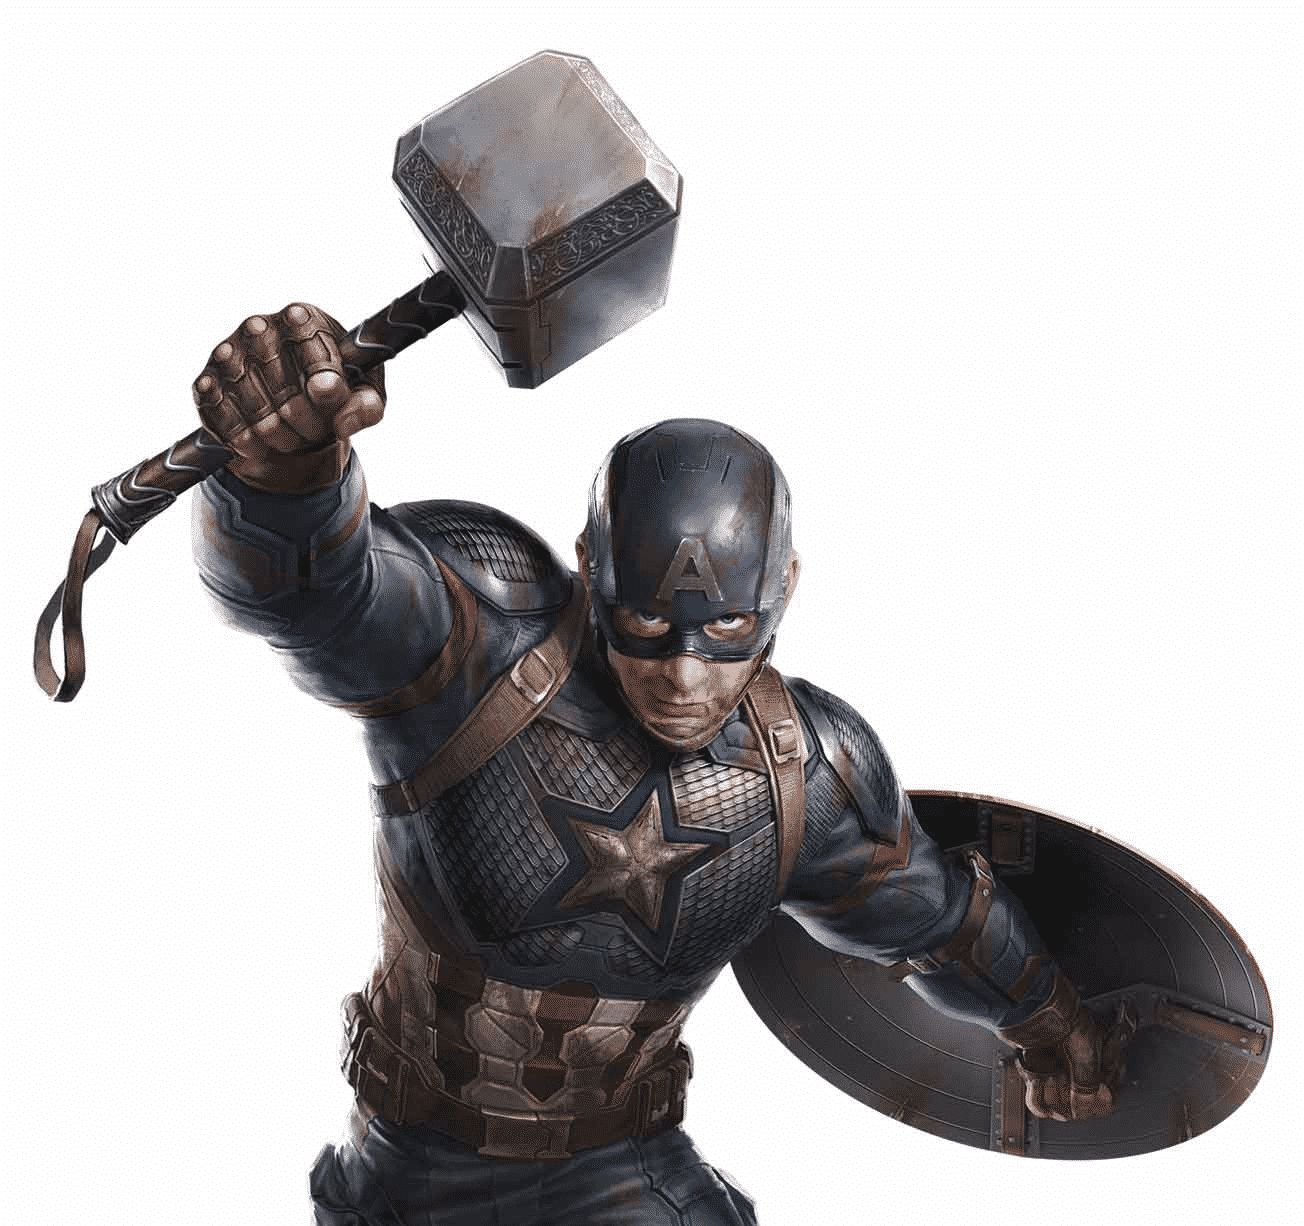 Captain America Using Mjolnir